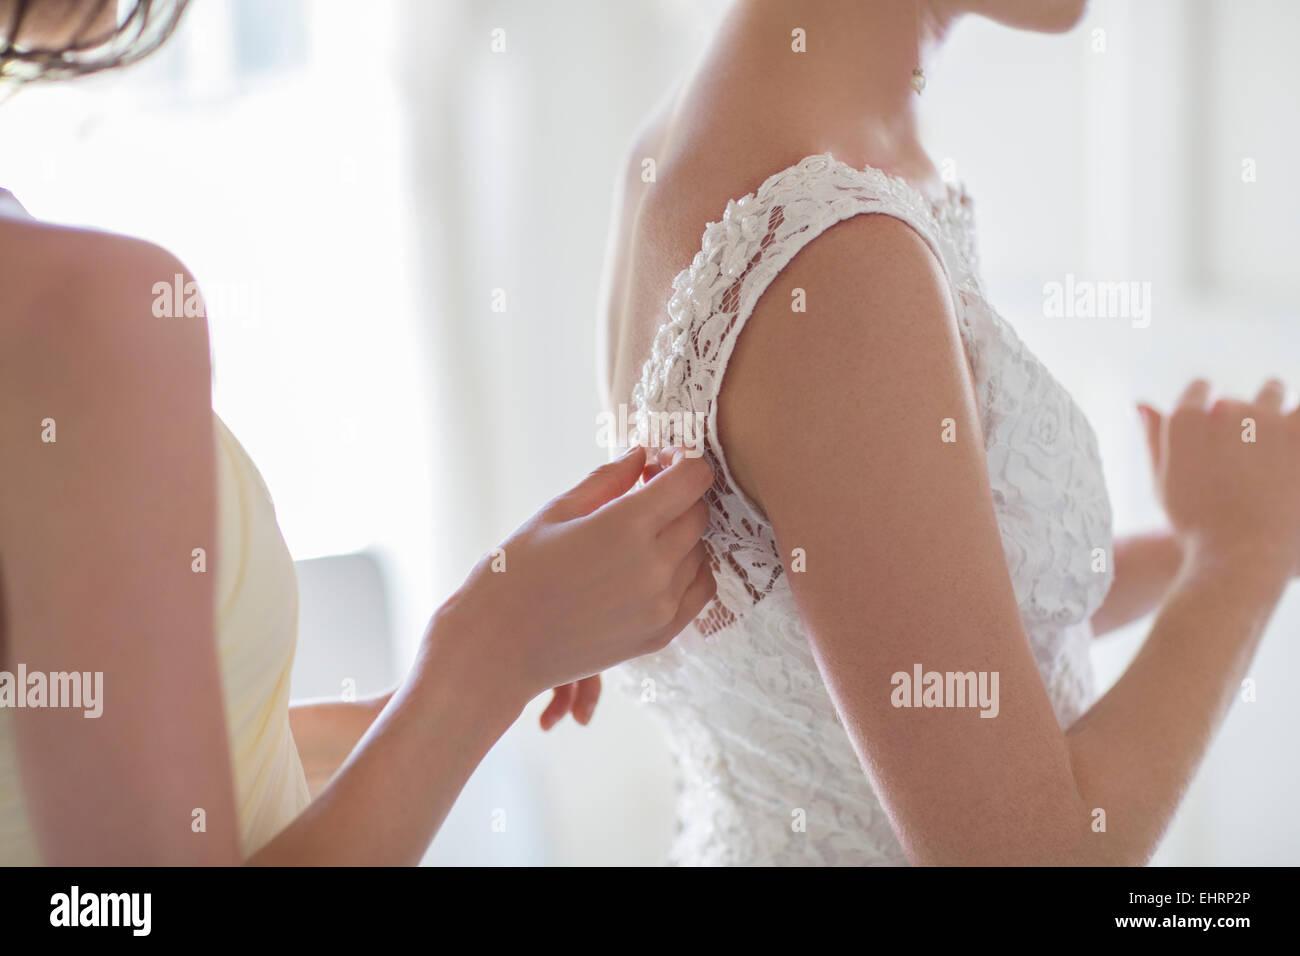 Damigella aiutando sposa con una medicazione in ambiente domestico Immagini Stock